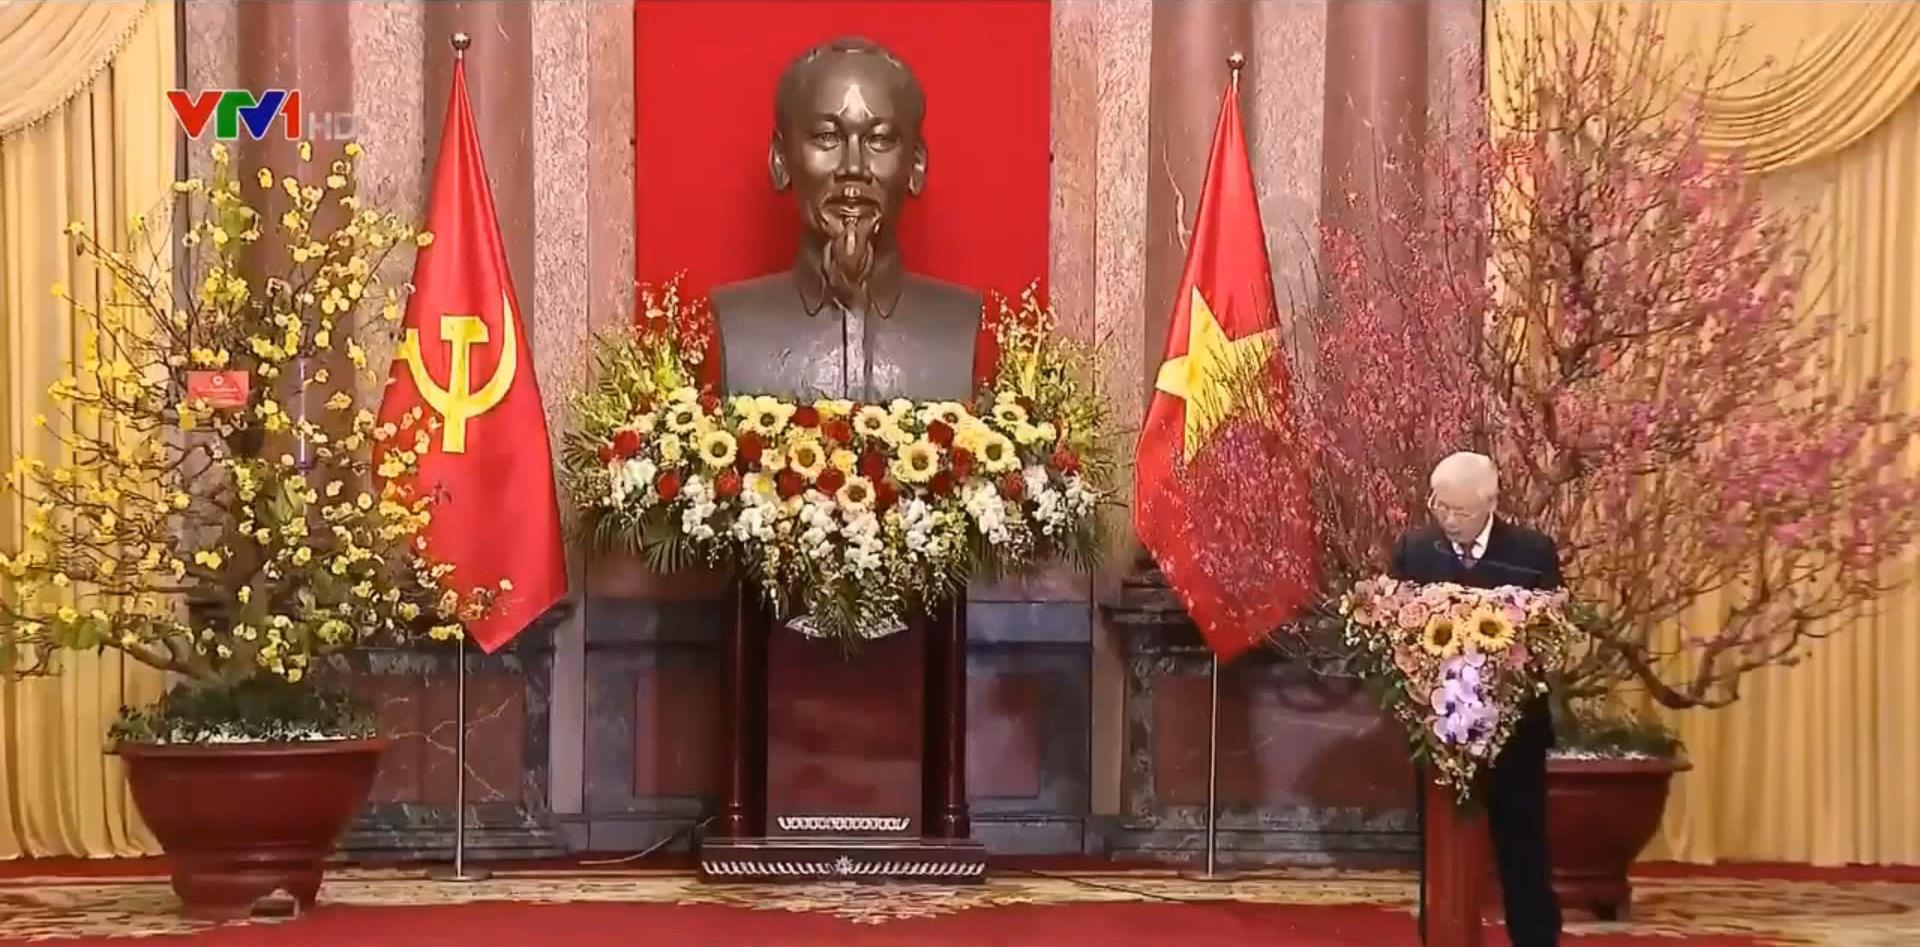 Toàn văn bài phát biểu chúc tết của Tổng bí thư, Chủ tịch nước Nguyễn Phú Trọng - Ảnh 2.